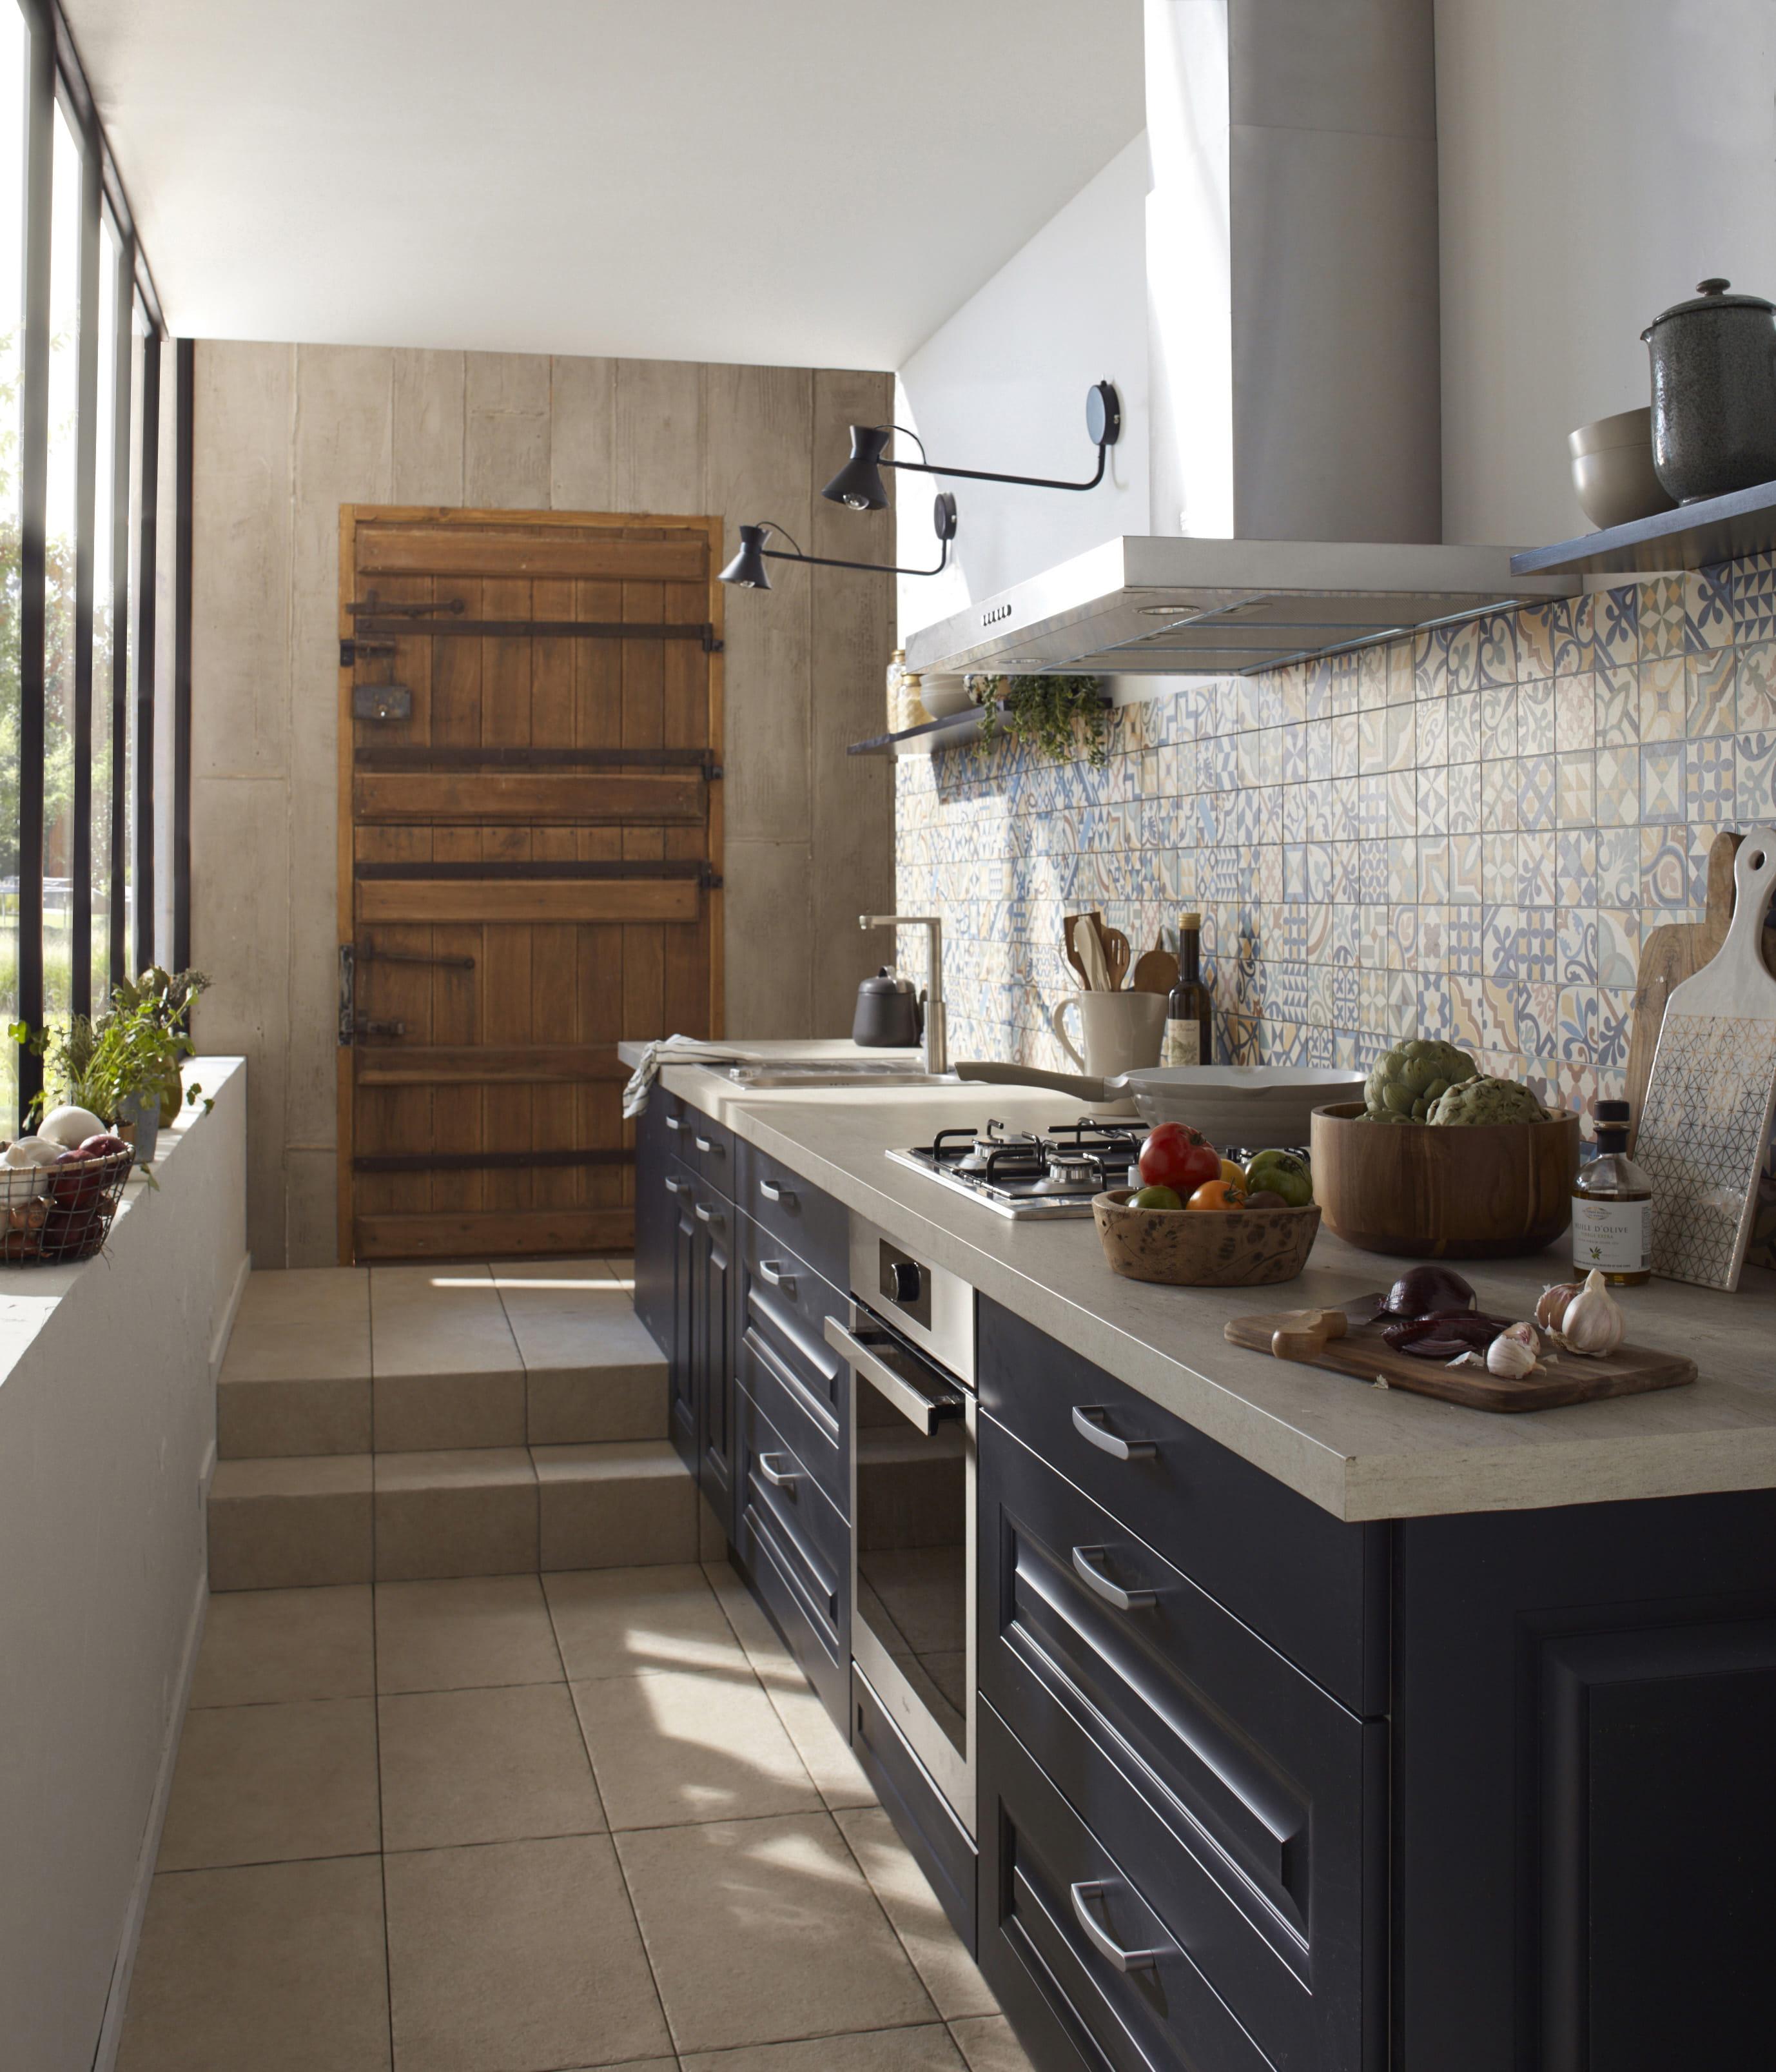 les erreurs viter avec une pi ce troite. Black Bedroom Furniture Sets. Home Design Ideas